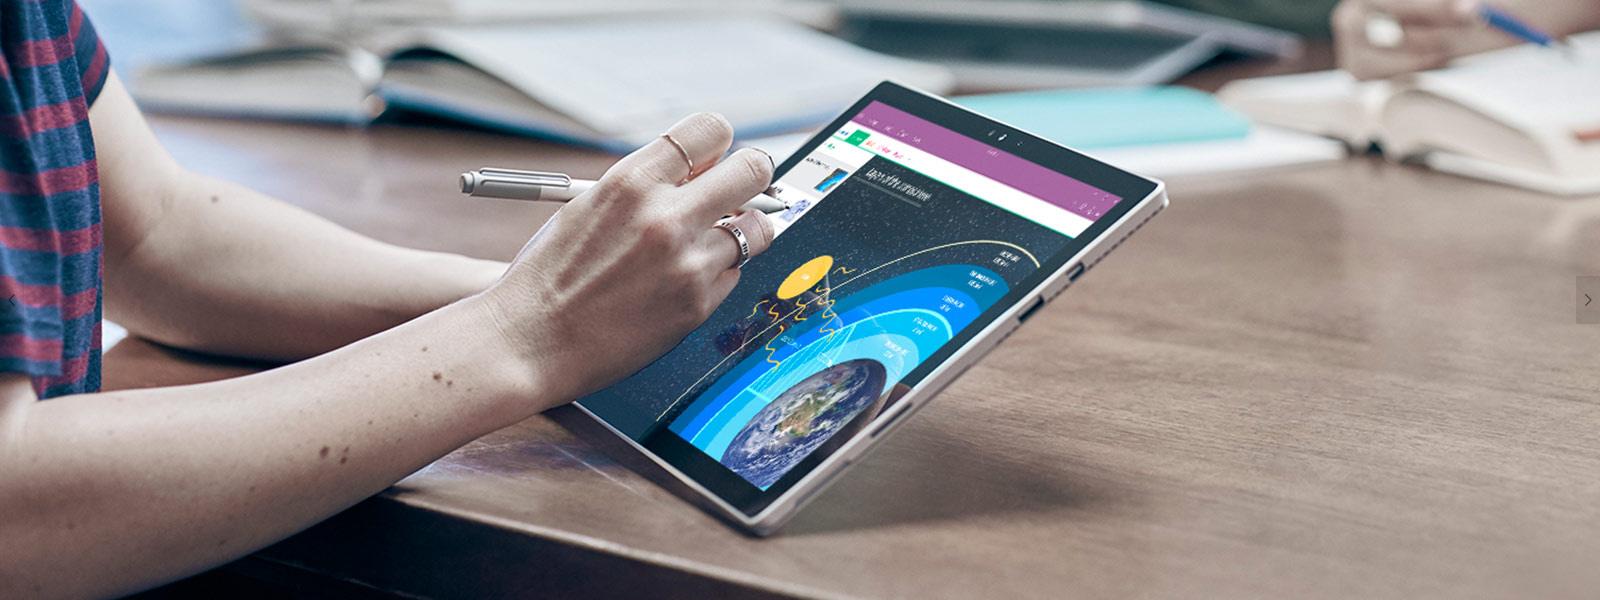 Persona que usa el Lápiz para Surface en el portátil Surface en modo Tableta.